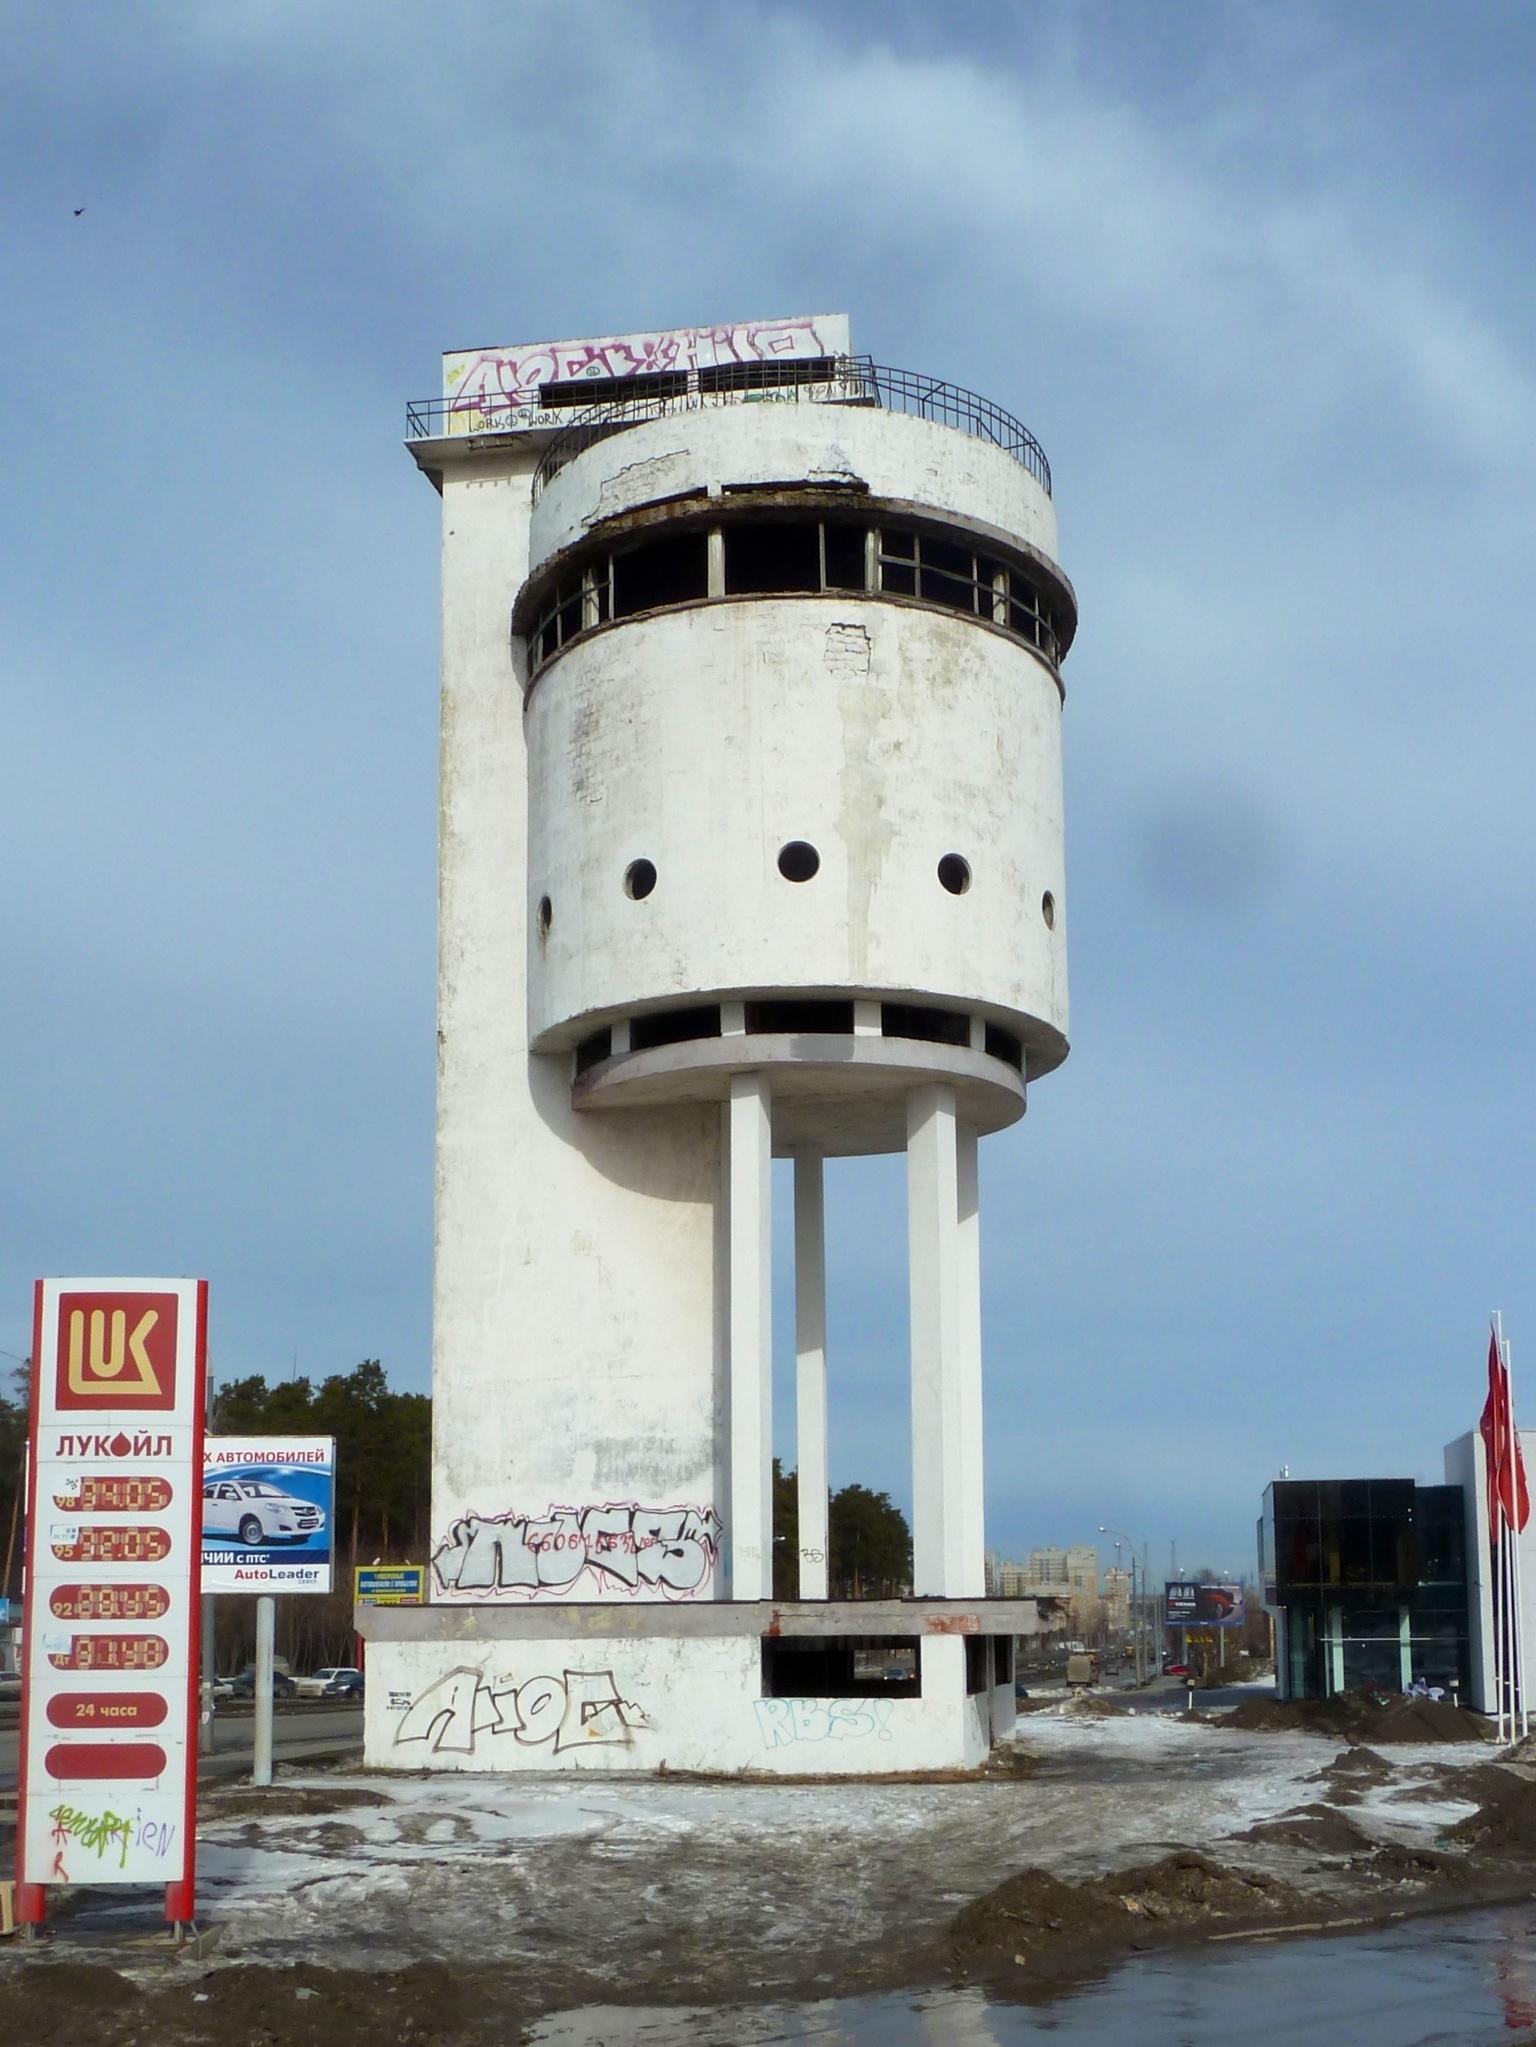 Jan van Vlerken - Constructivisme in Jekaterinenburg